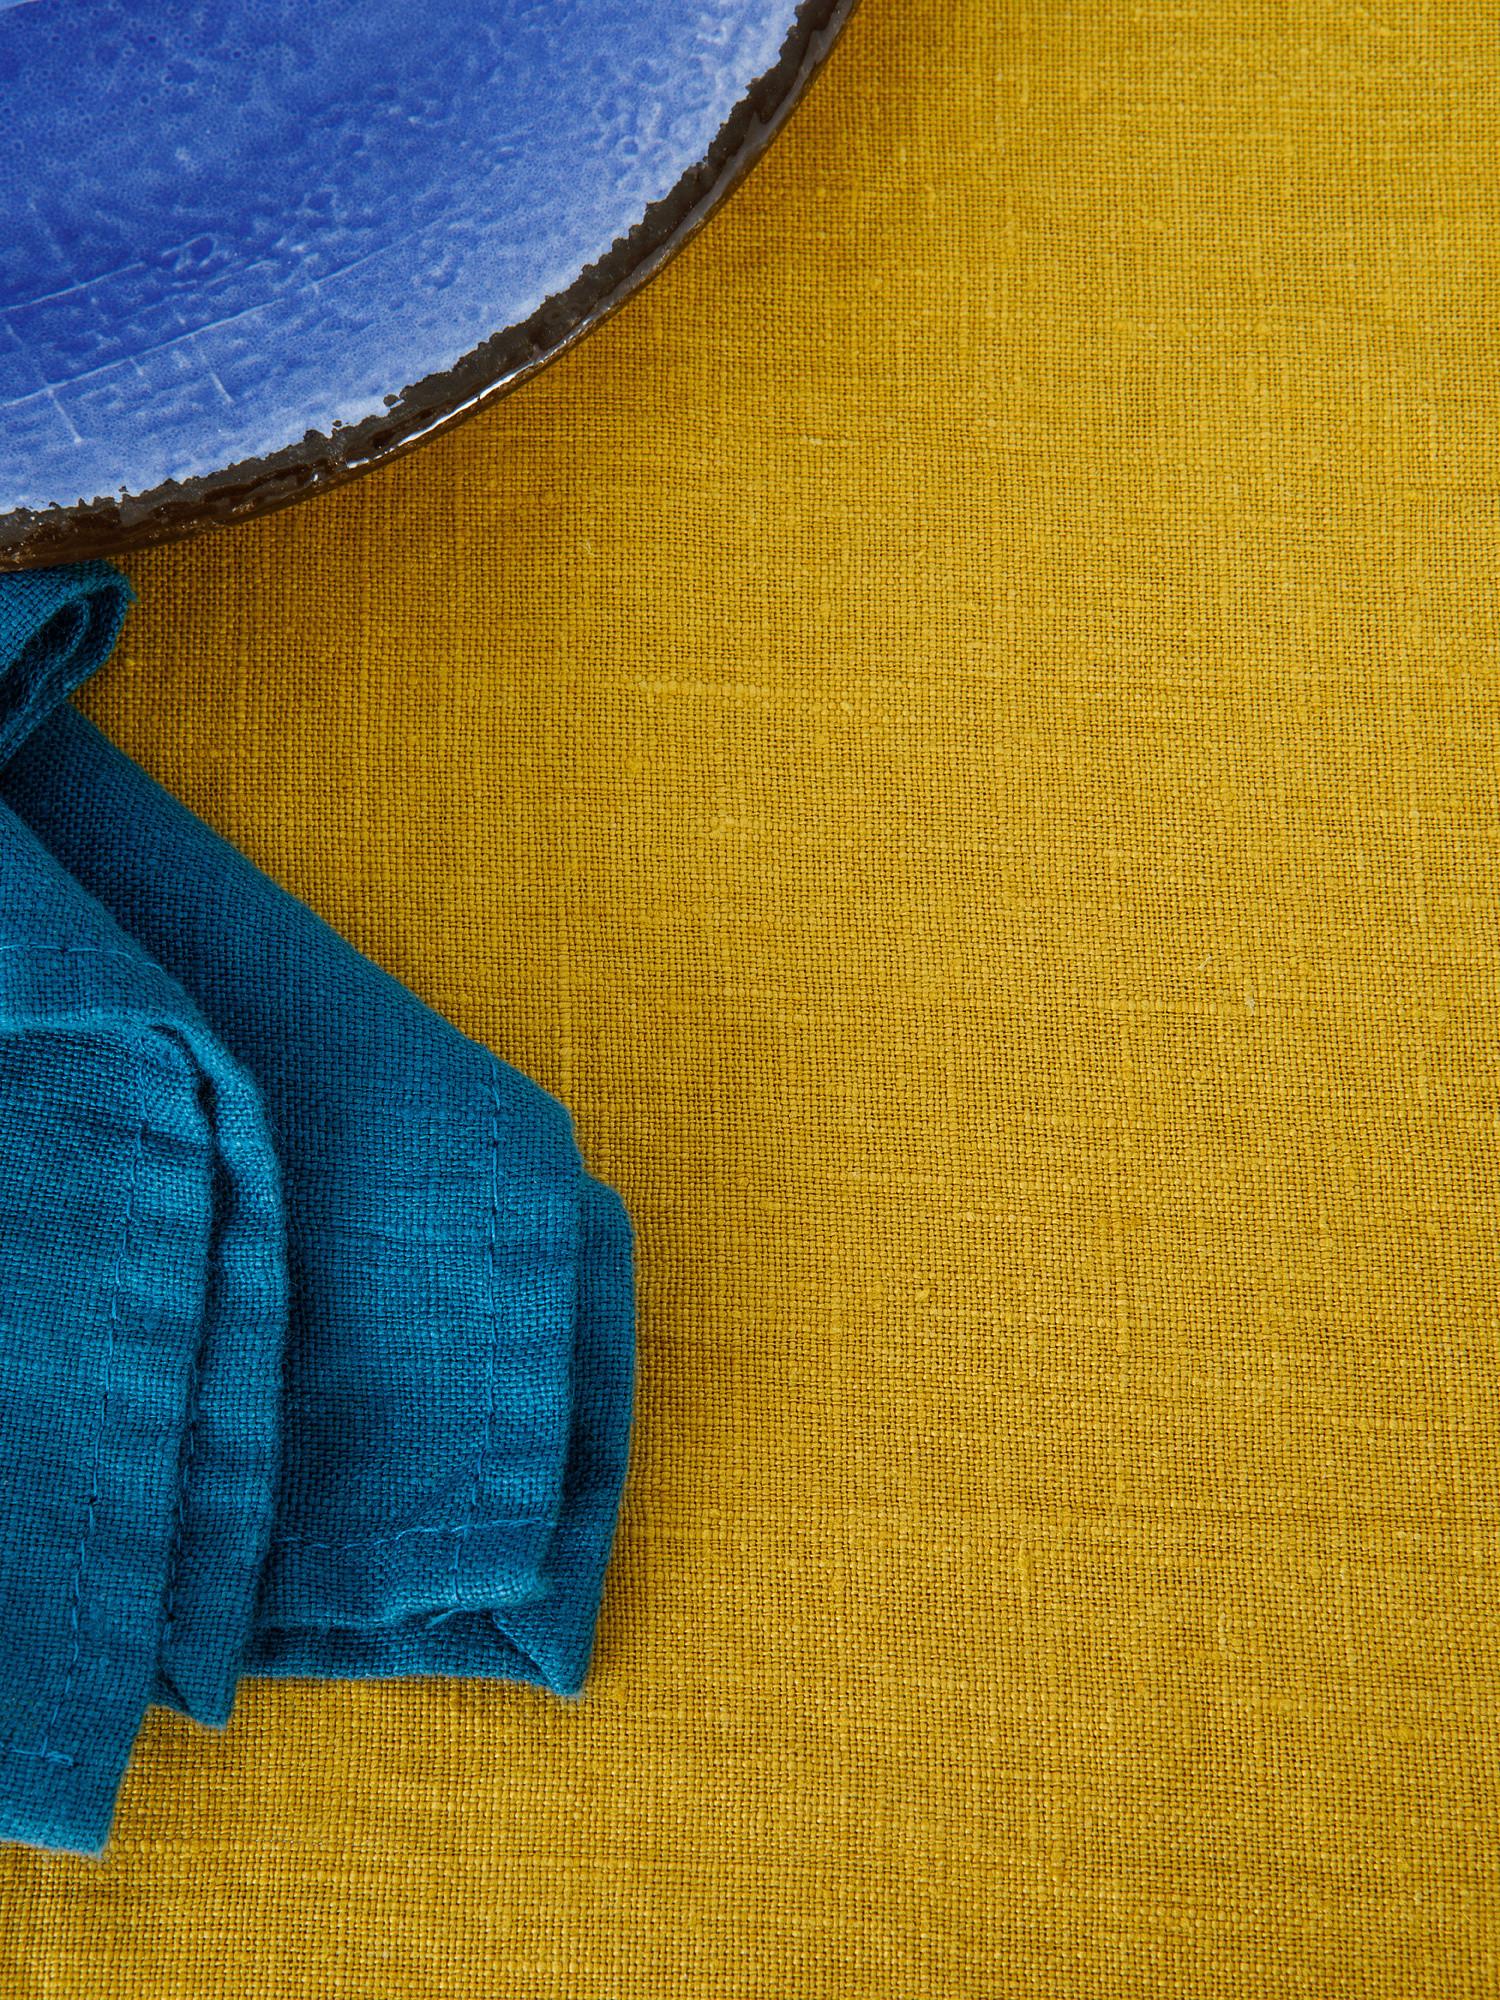 Tovaglia puro lino lavato tinta unita, Giallo ocra, large image number 2